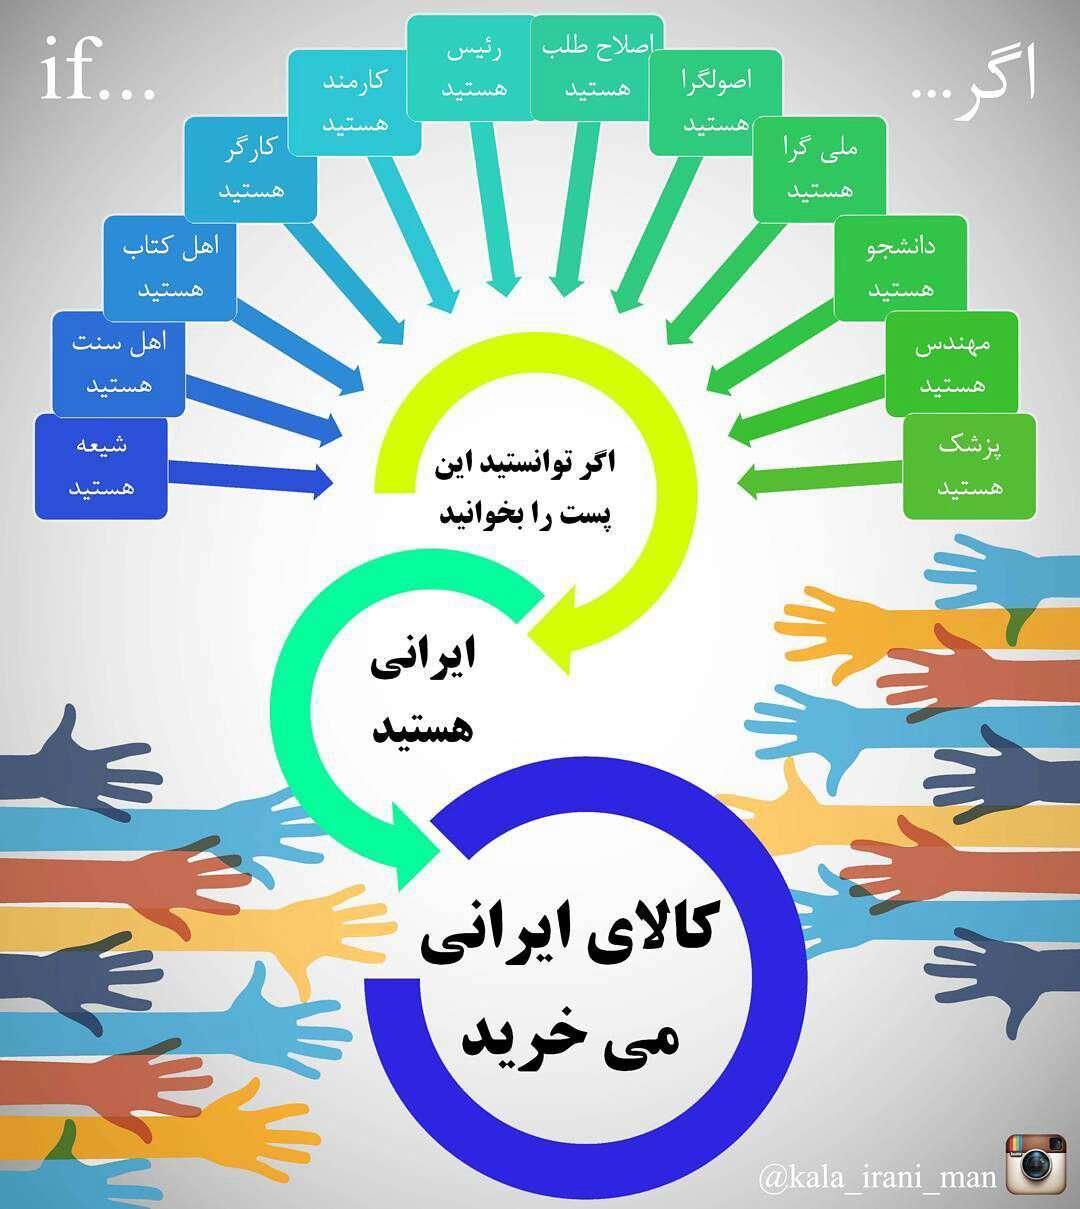 اگر ایرانی هستید...